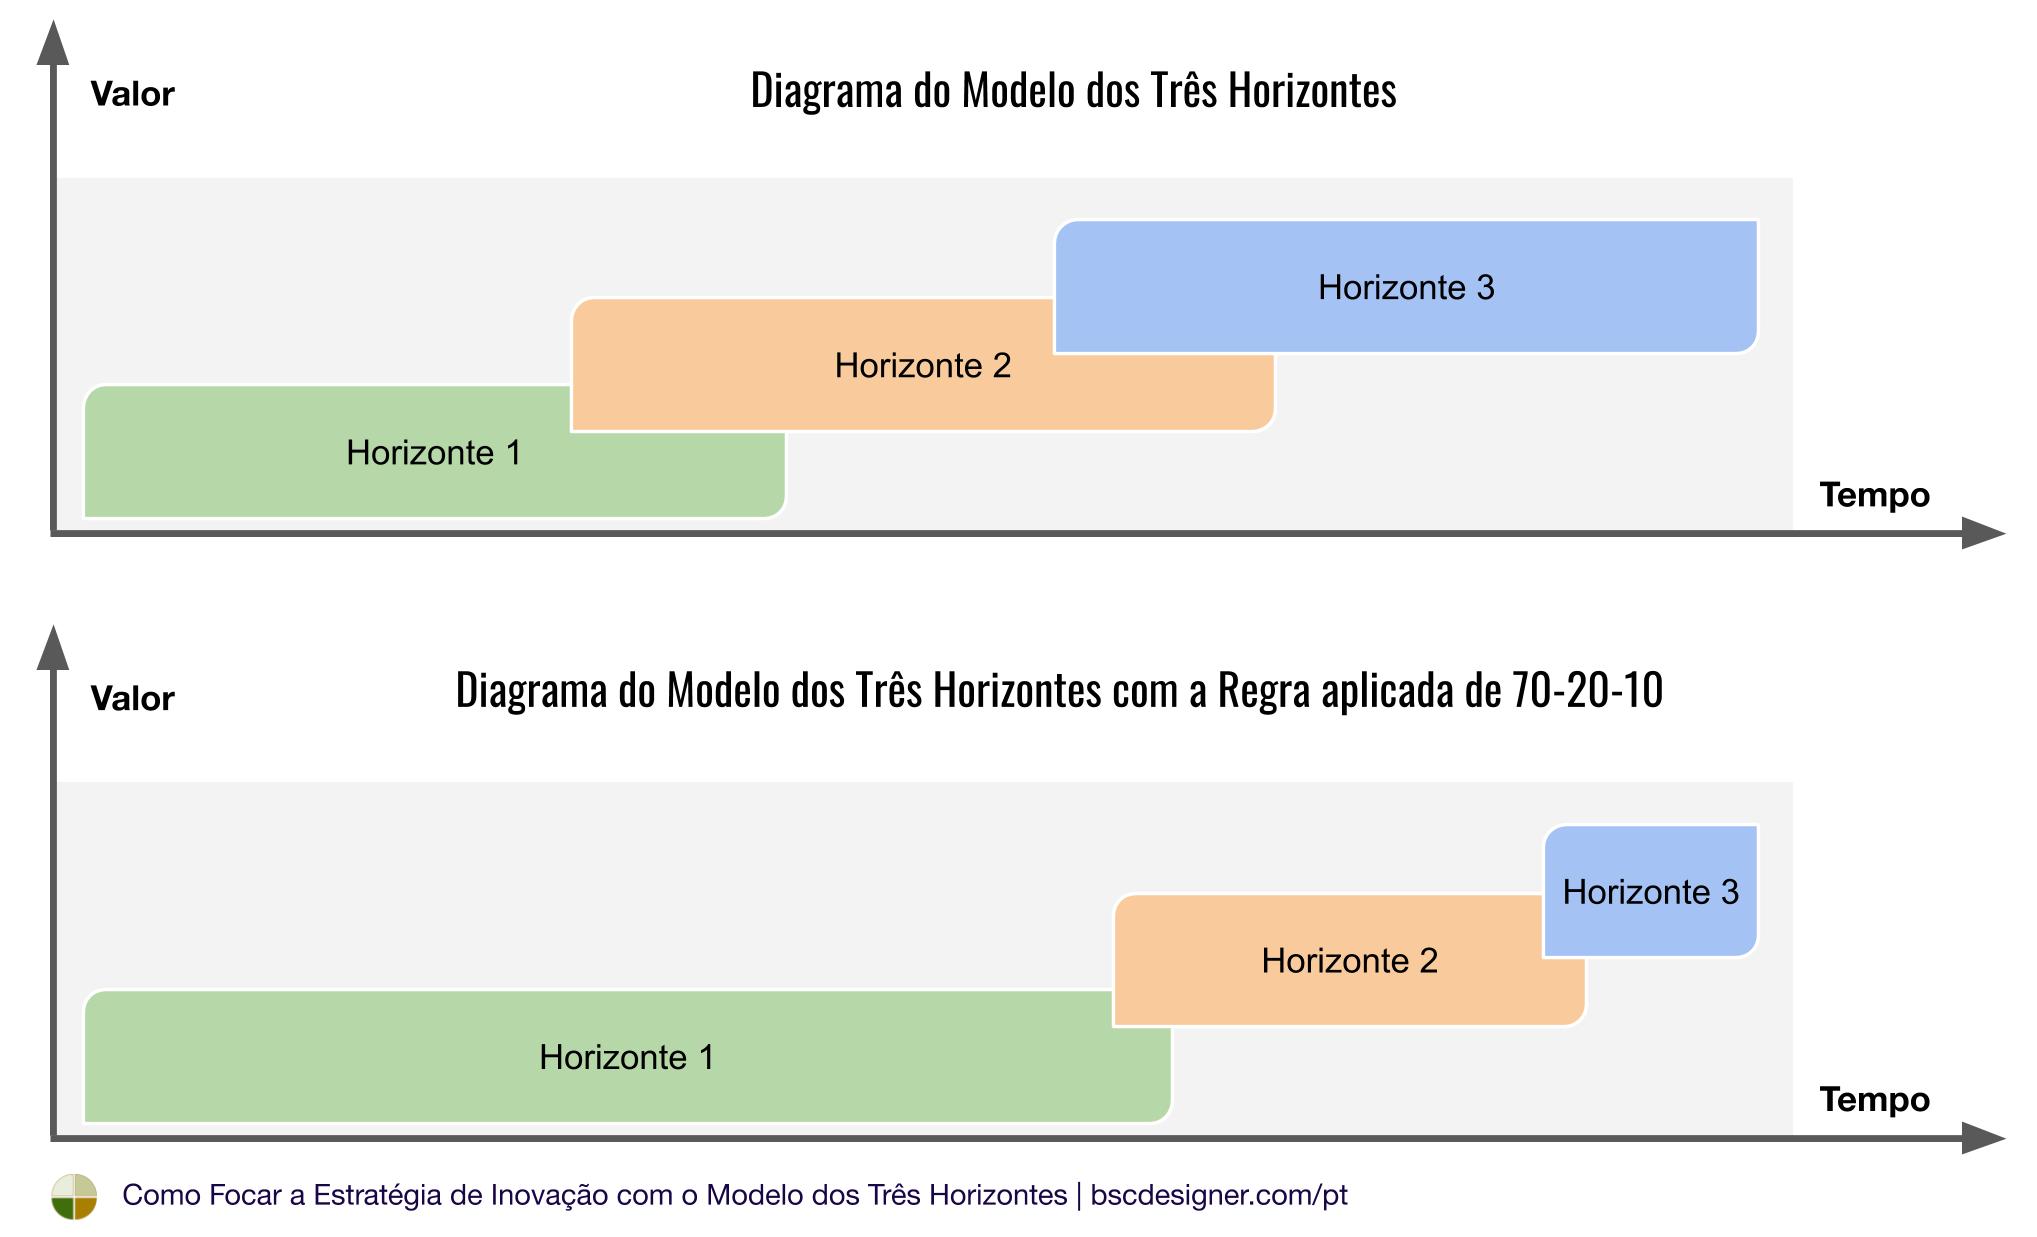 Diagrama do Modelo dos Três Horizontes com a Regra 70-20-10 Aplicada